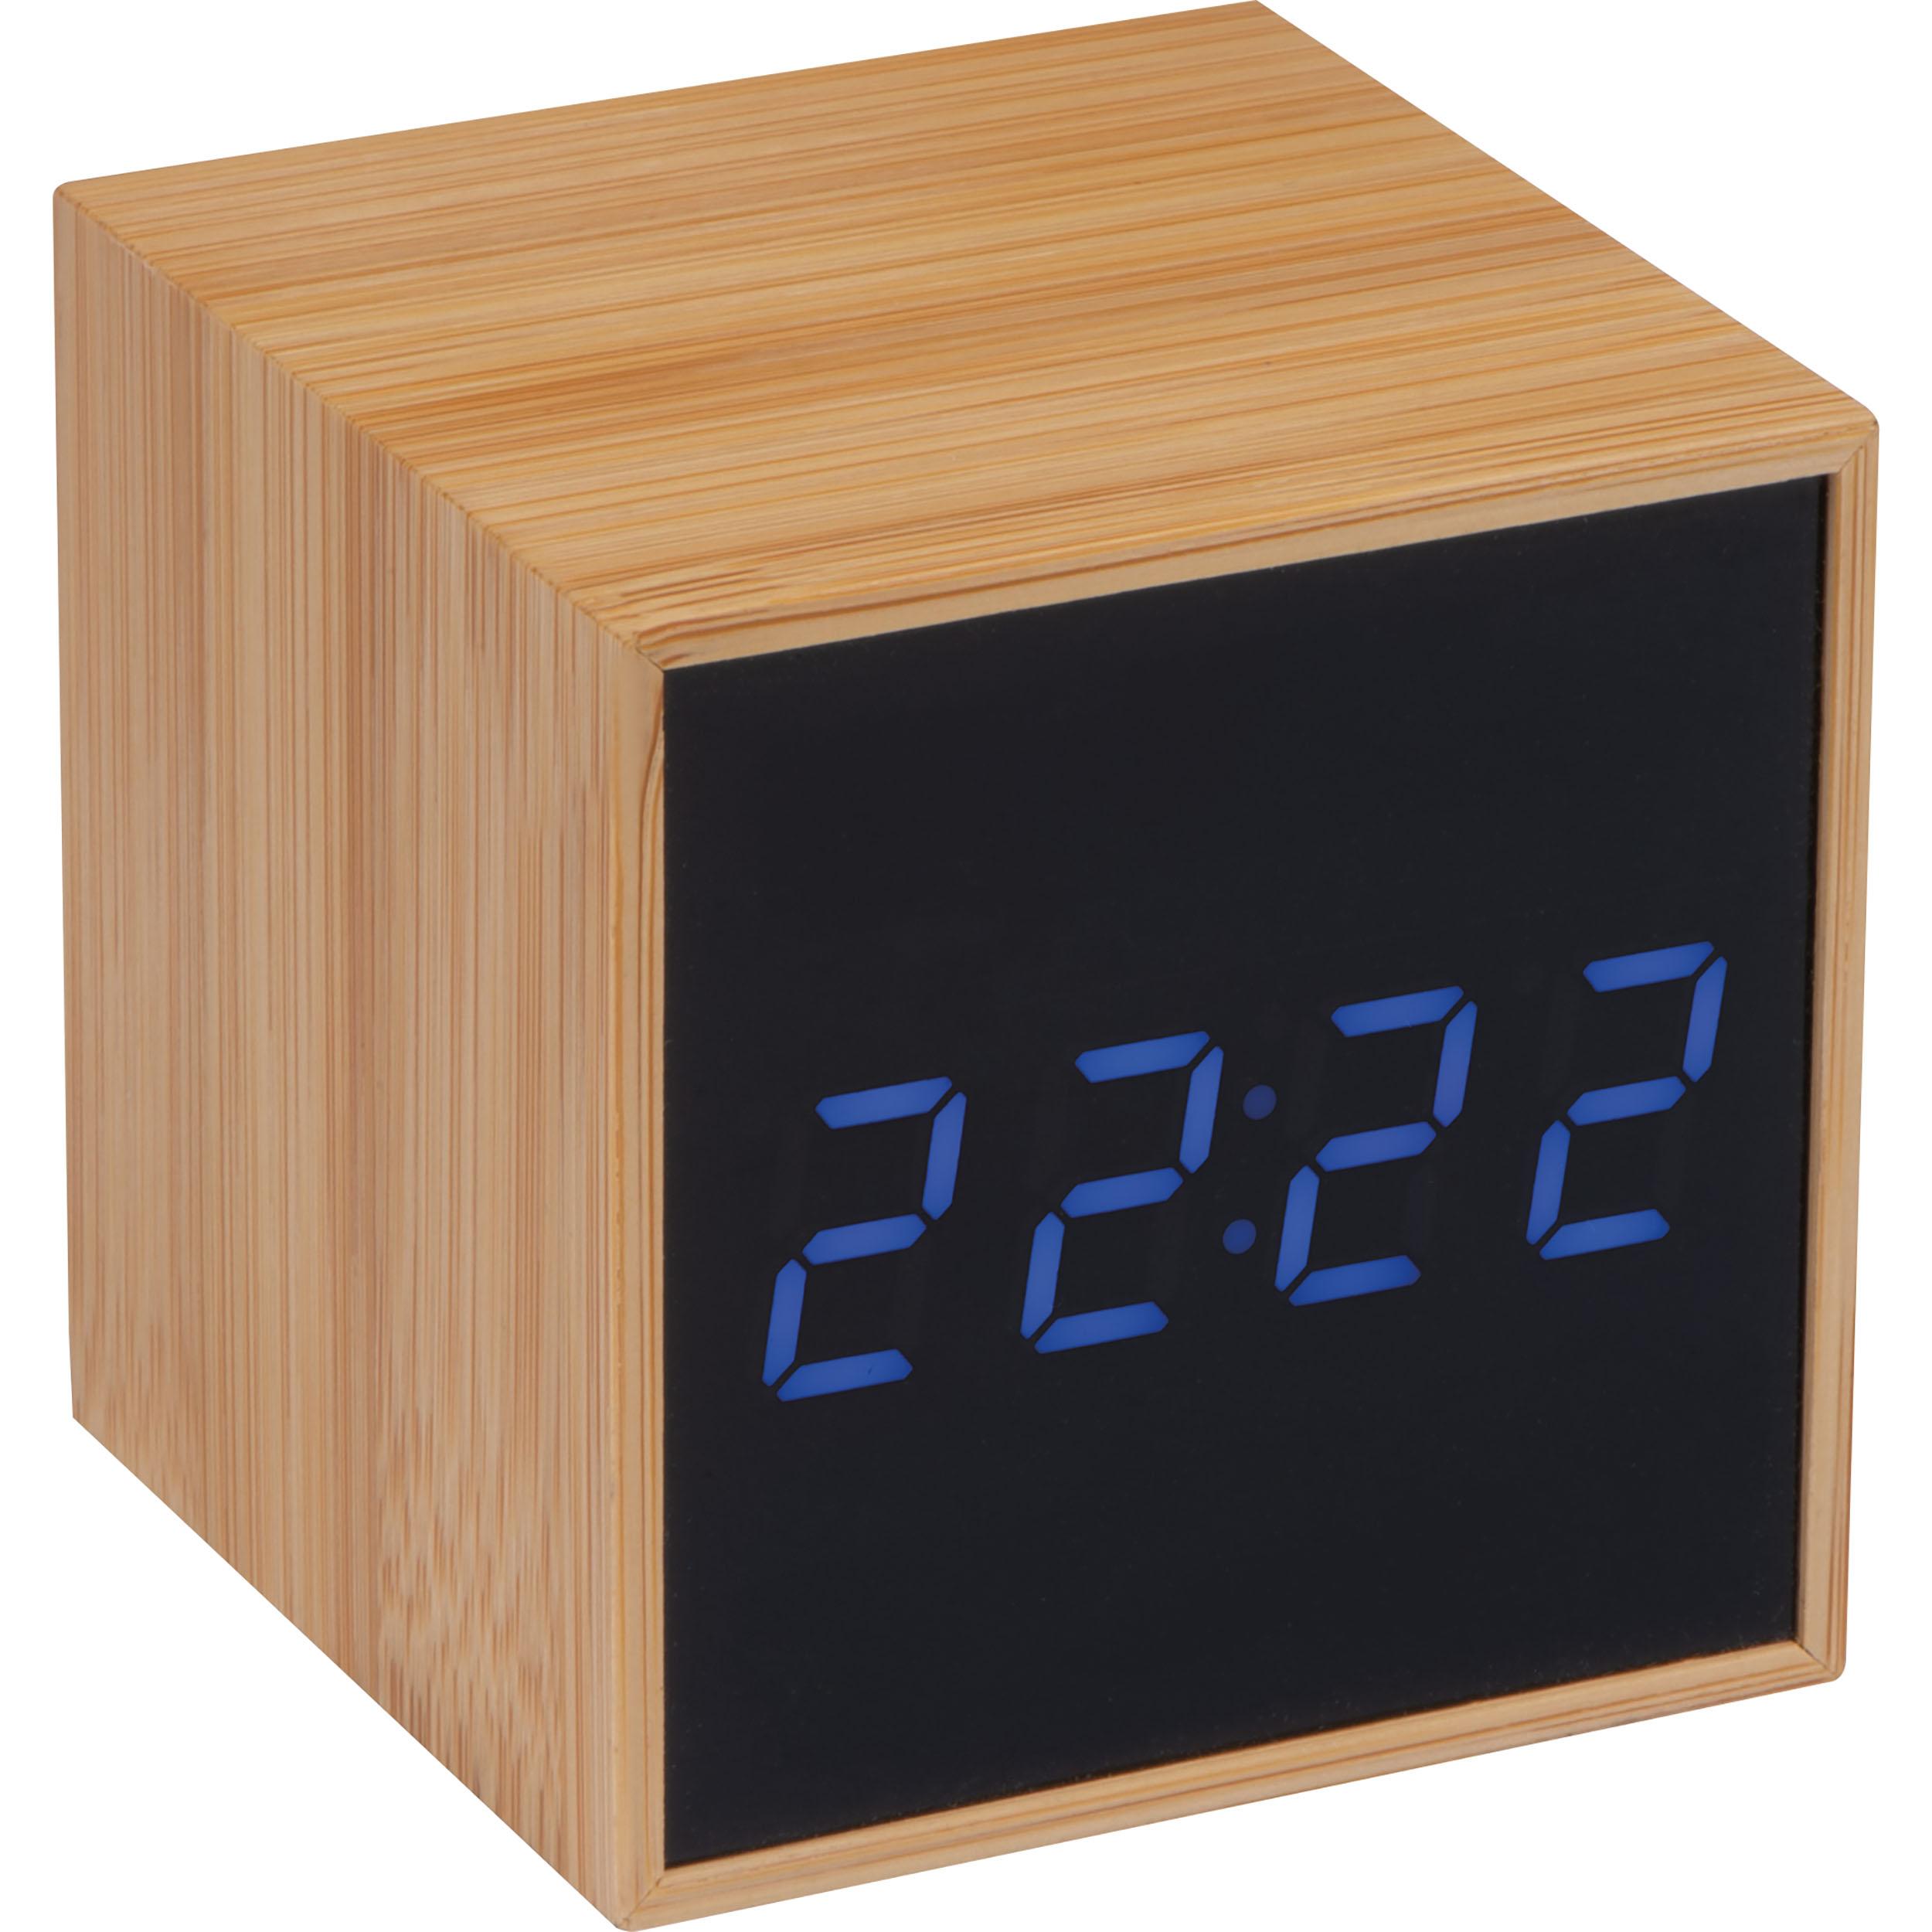 Tischuhr mit schwarzem Display und blauer LED Anzeige